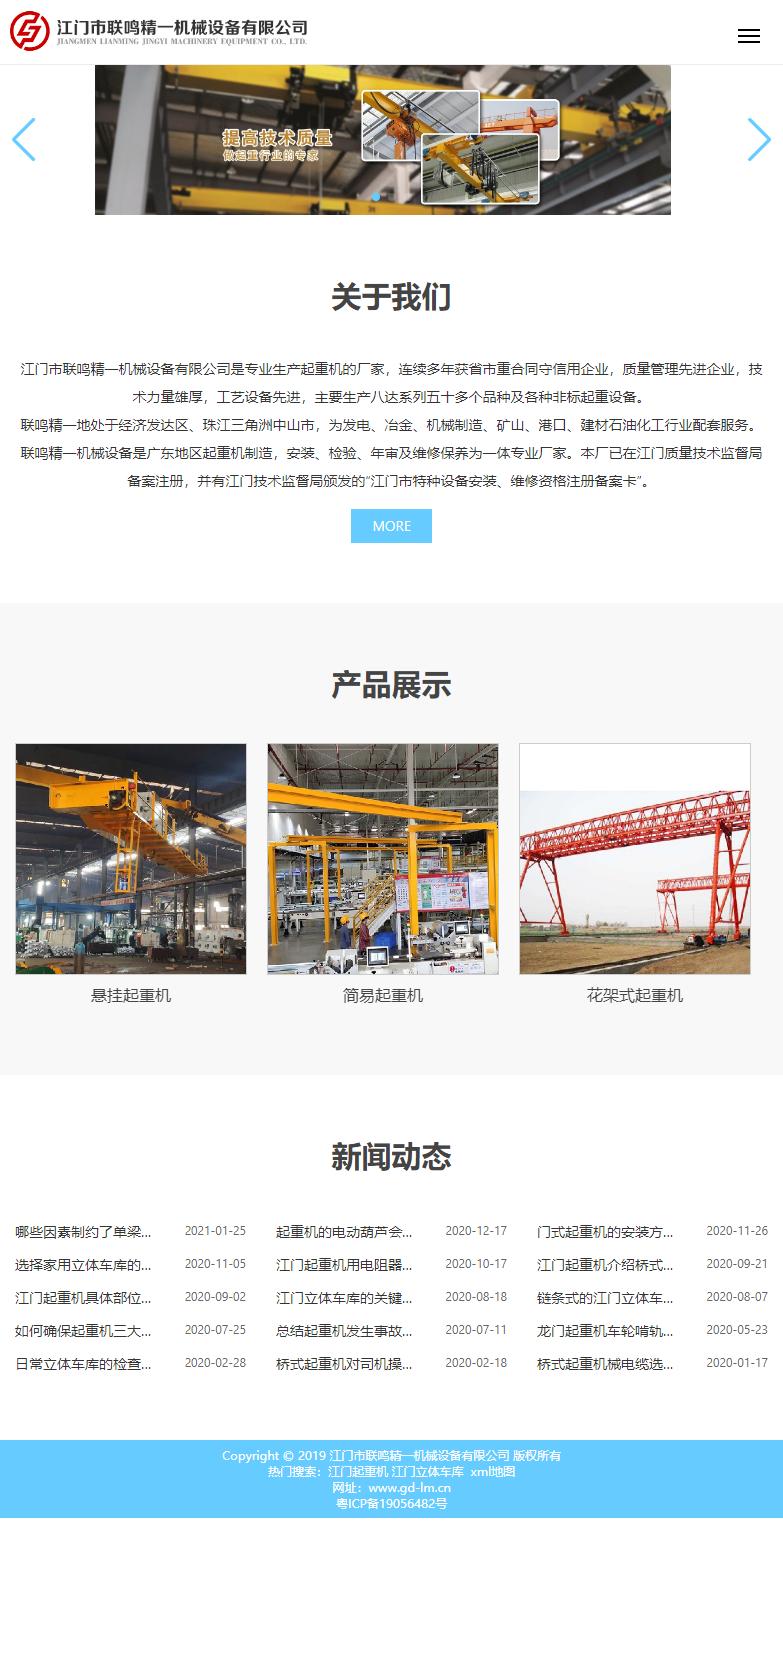 江门市联鸣精一机械设备有限公司网站案例